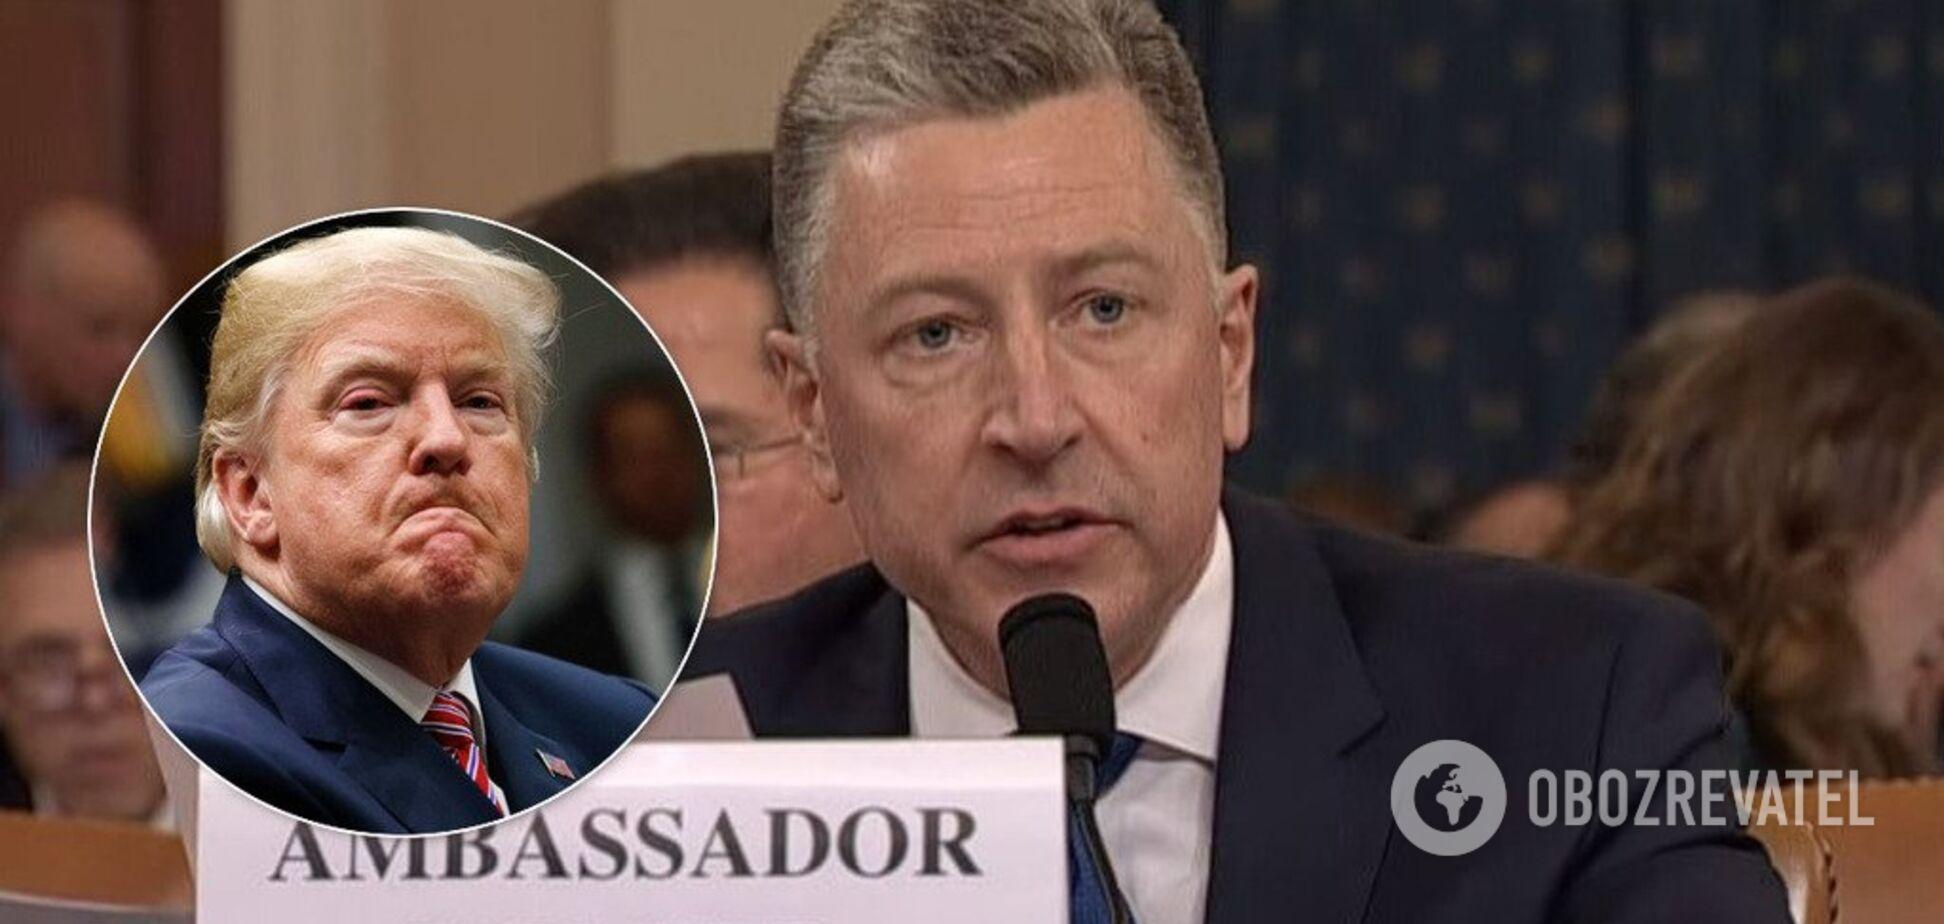 'Большая трагедия': Волкер дал показания в деле об импичменте Трампа